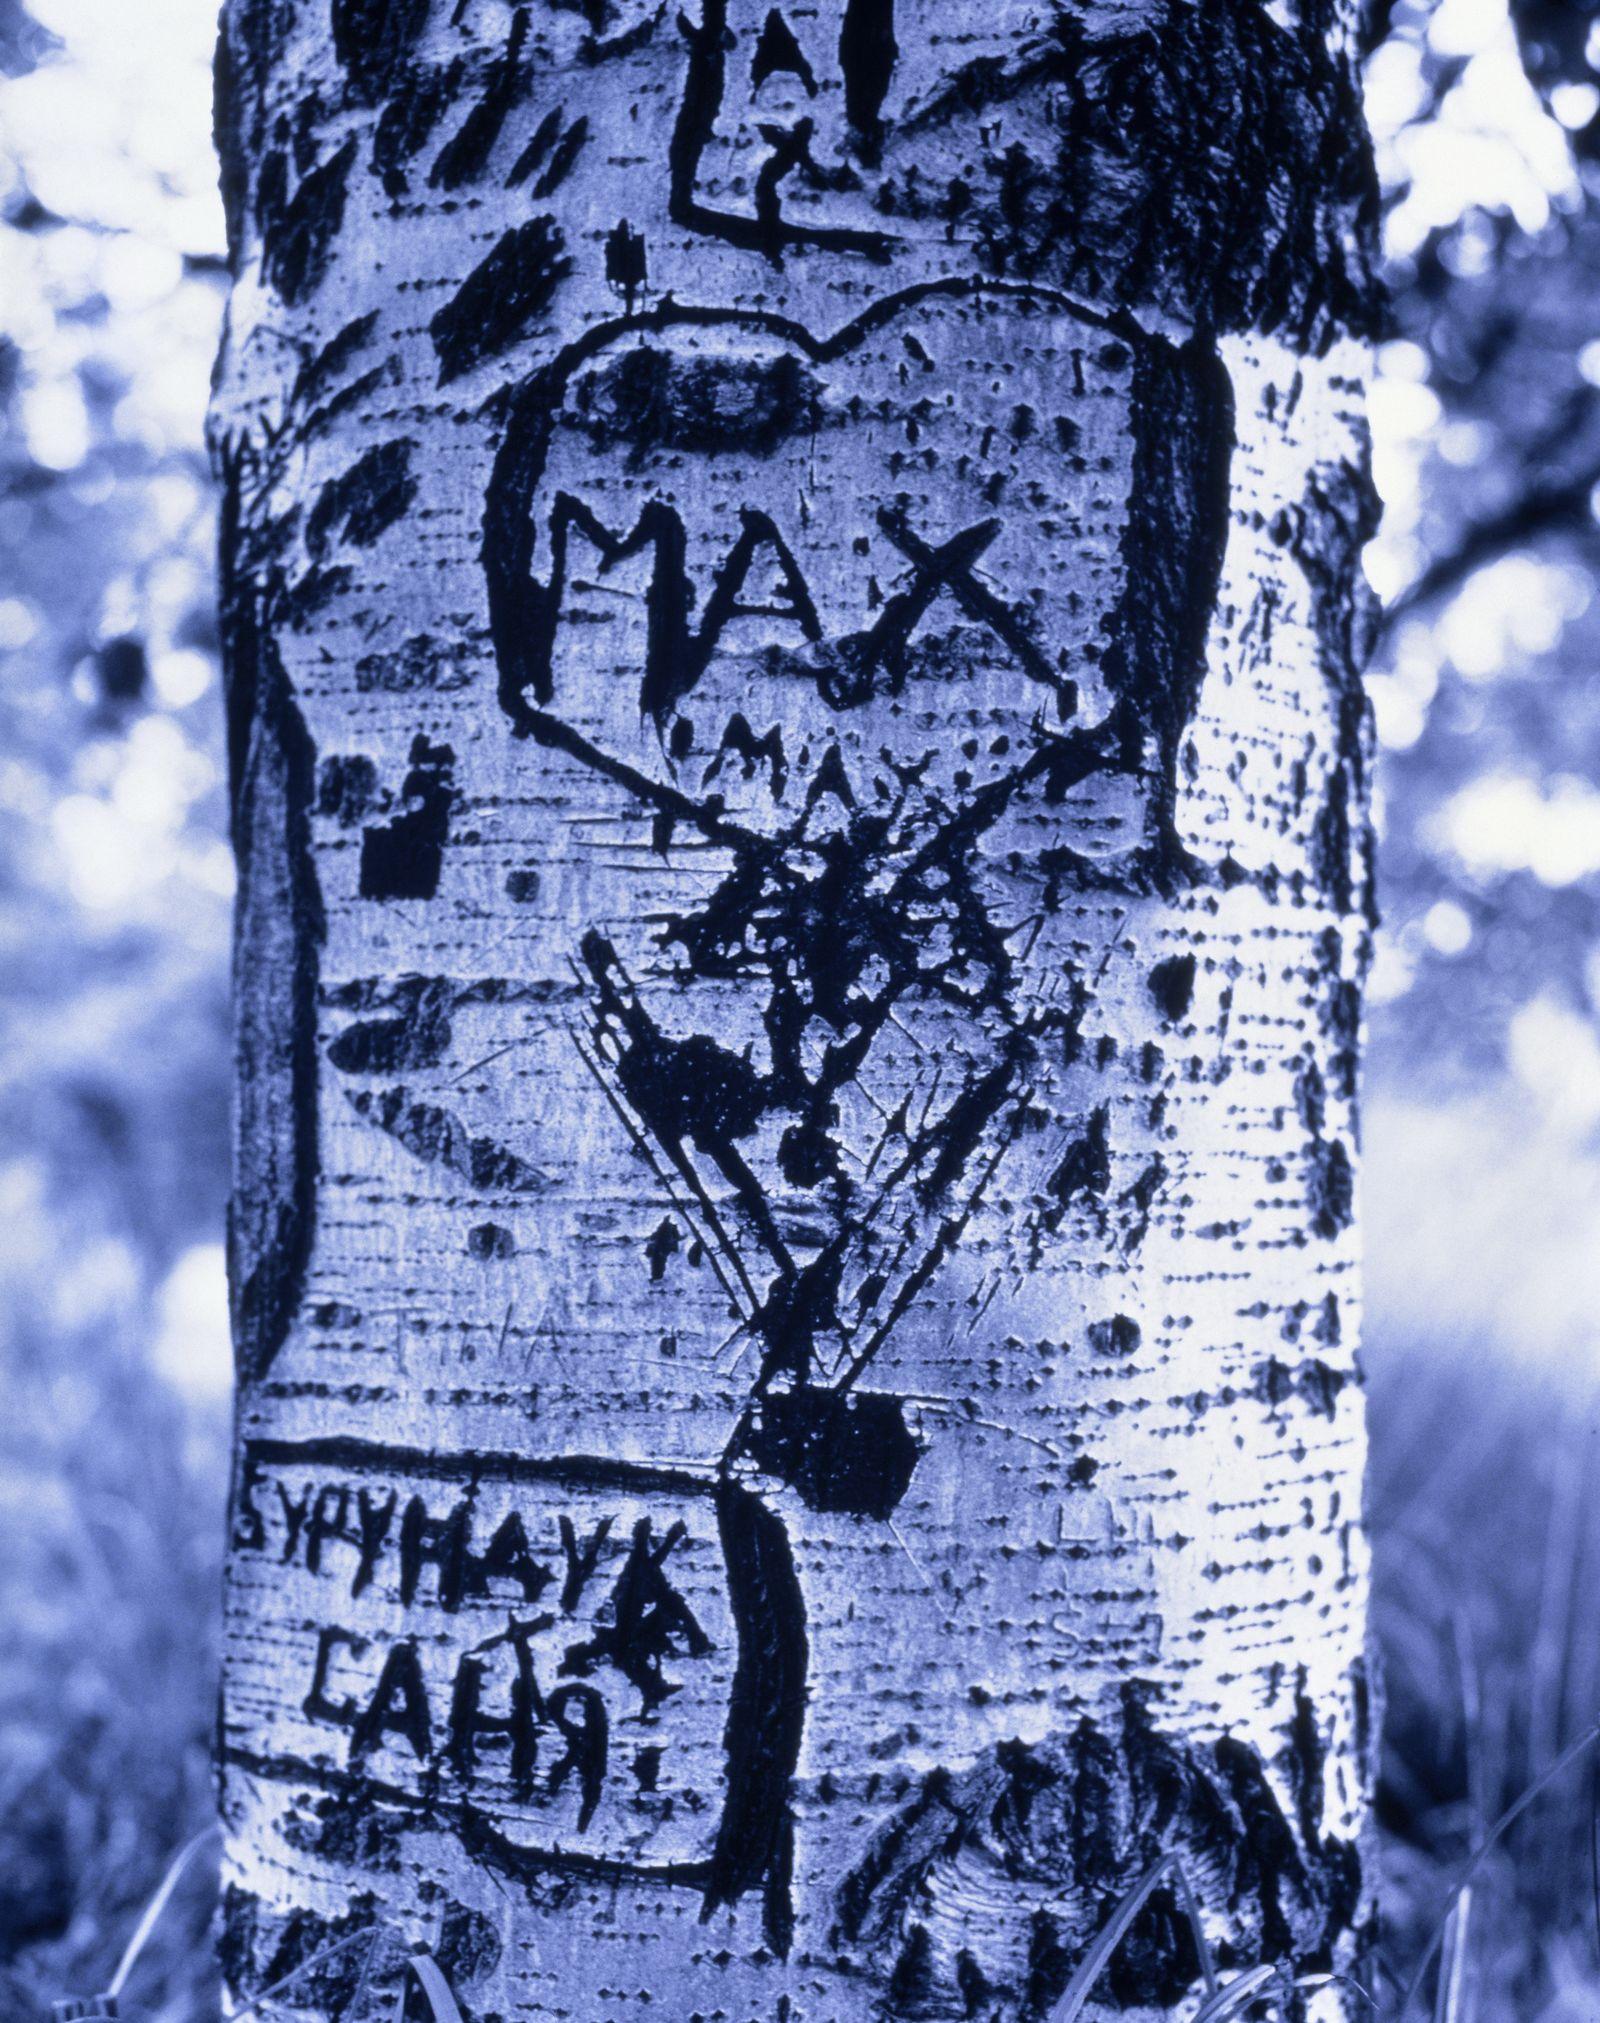 NICHT MEHR VERWENDEN! - Baum / Eingeritzte Sprüche